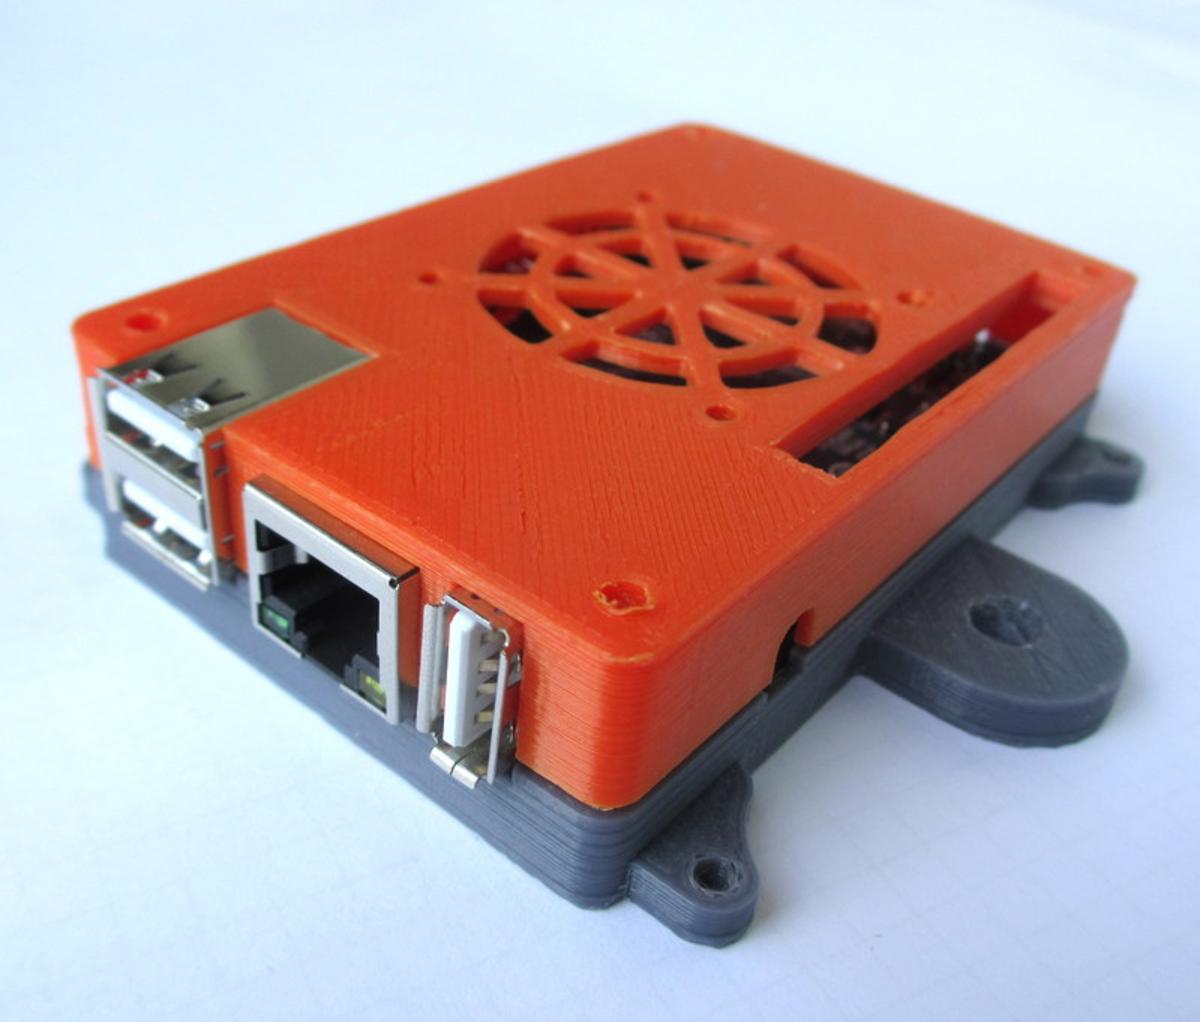 Capture d'écran 2017-09-13 à 11.15.27.png Download free STL file Orange PI PC Case with External mounts + M5 mount • 3D print design, MixedGears